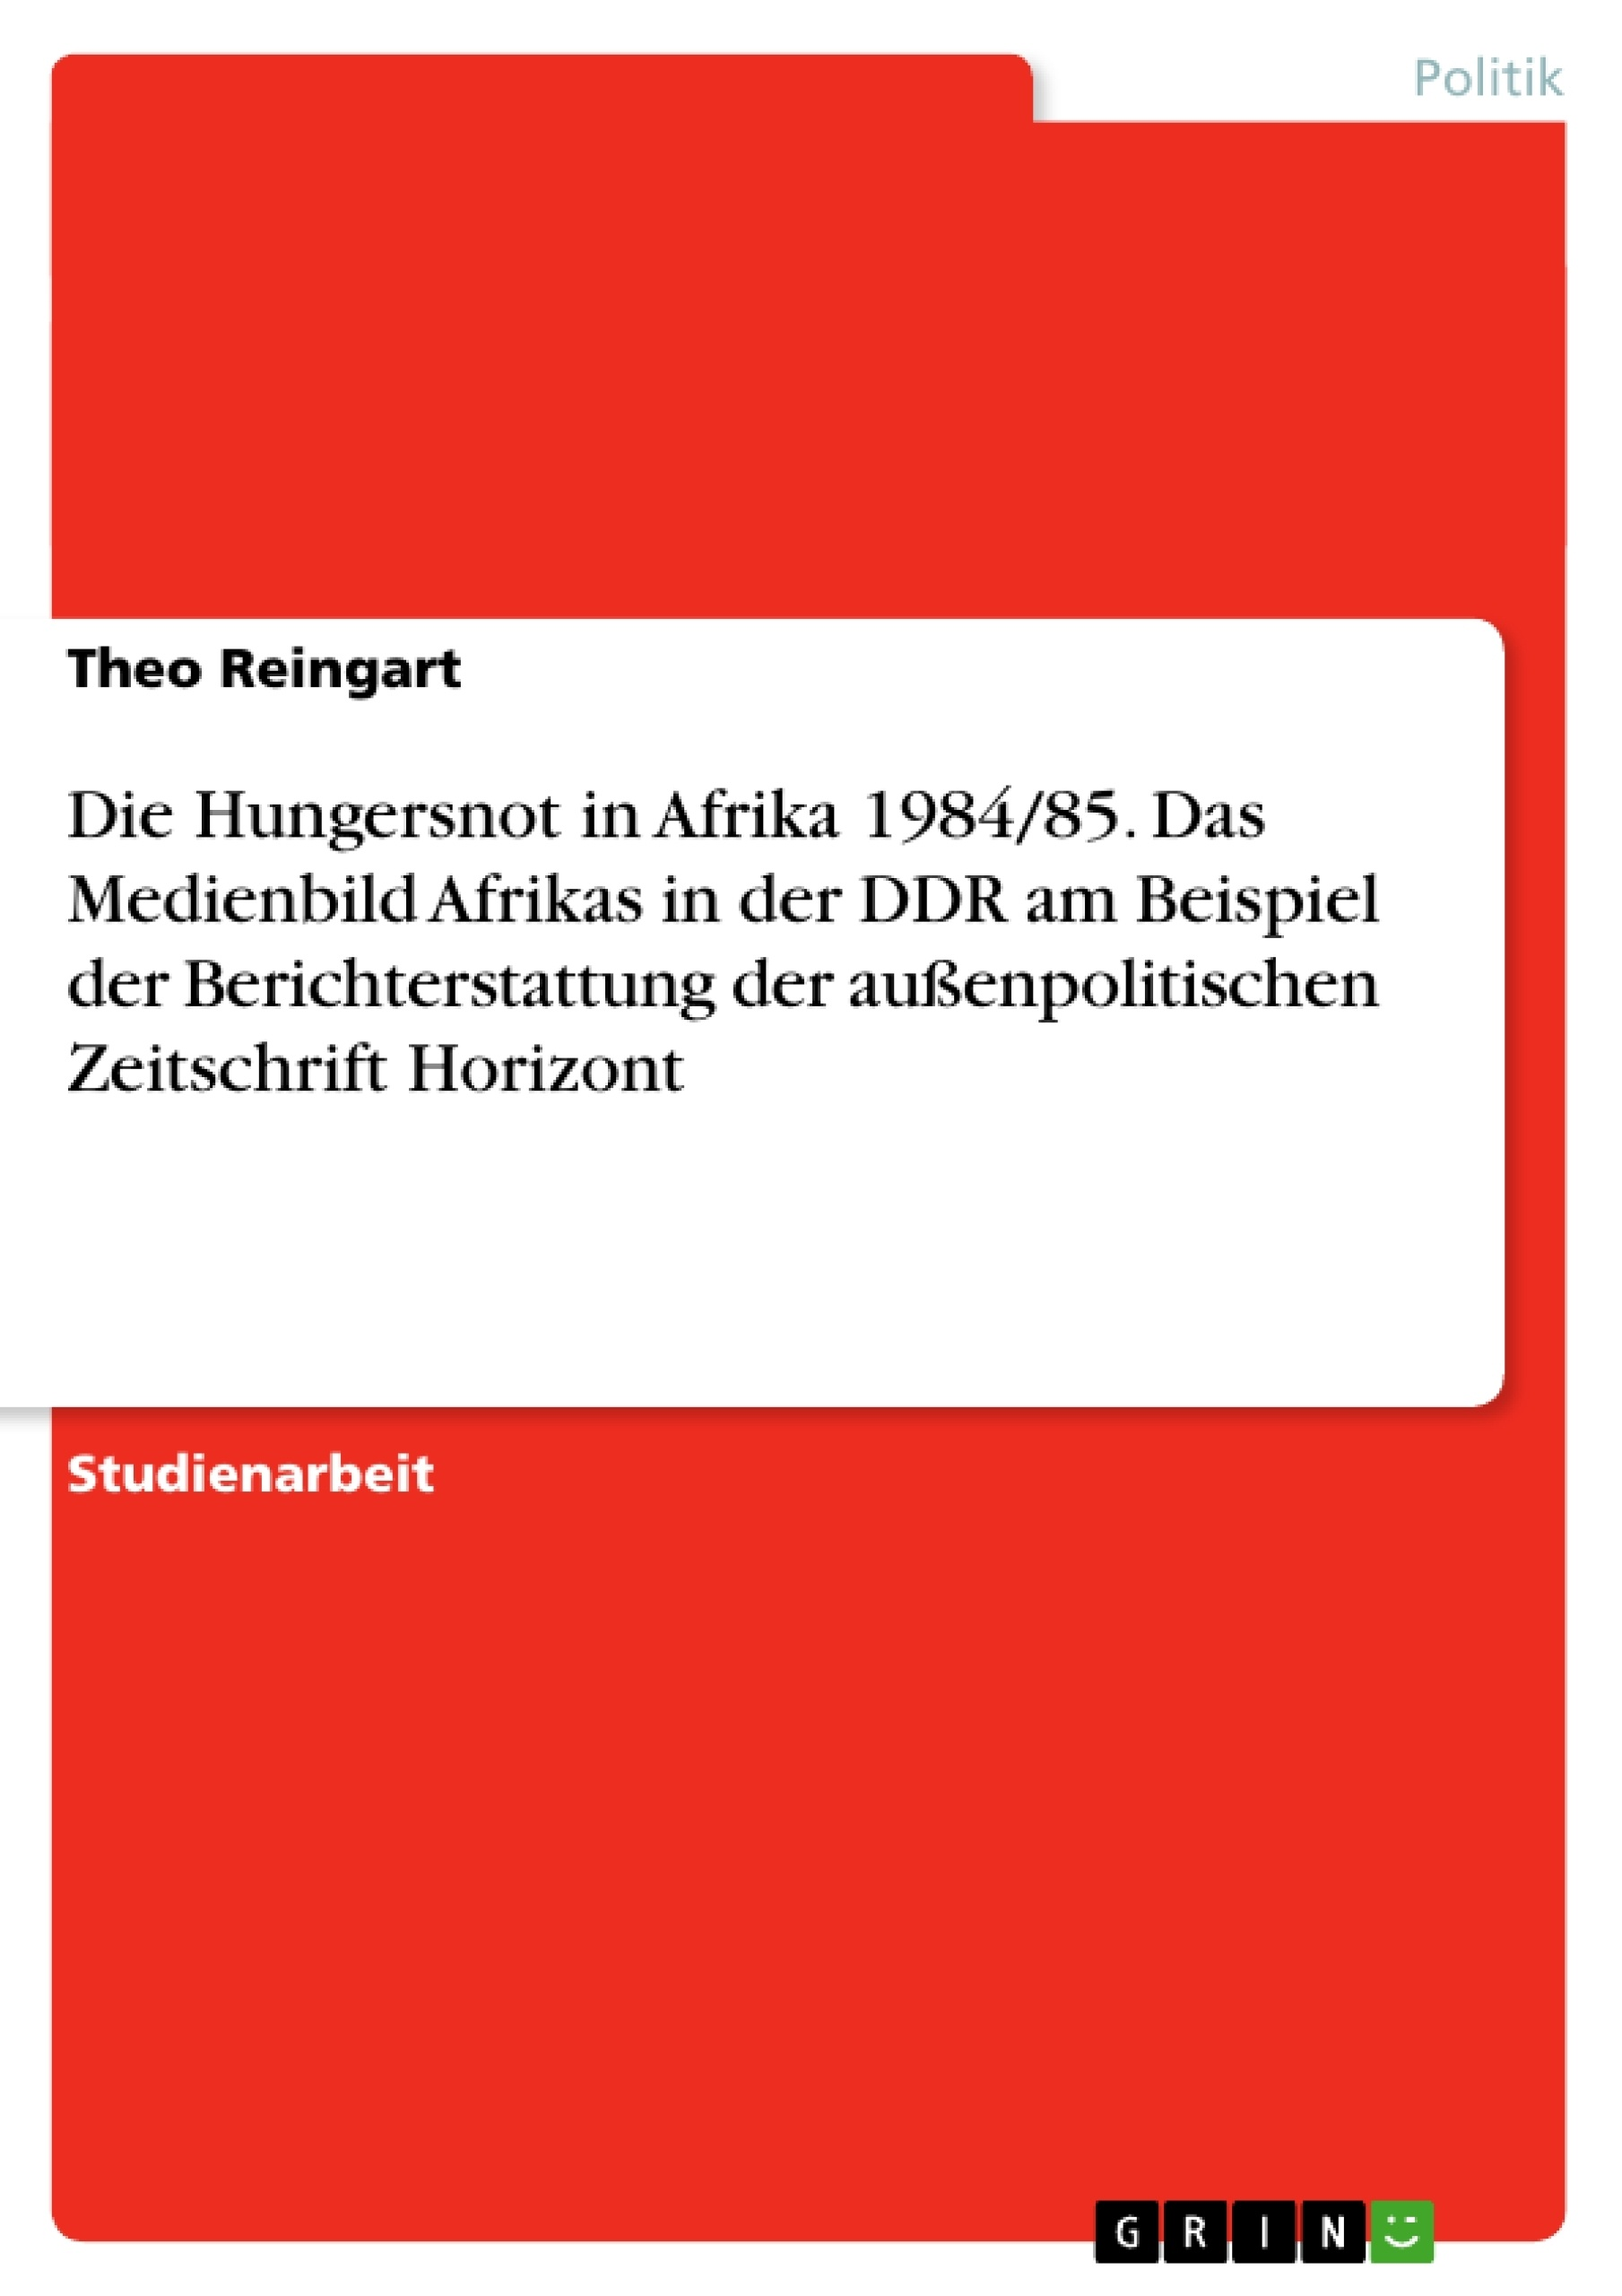 Titel: Die Hungersnot in Afrika 1984/85. Das Medienbild Afrikas in der DDR am Beispiel der Berichterstattung der außenpolitischen Zeitschrift Horizont